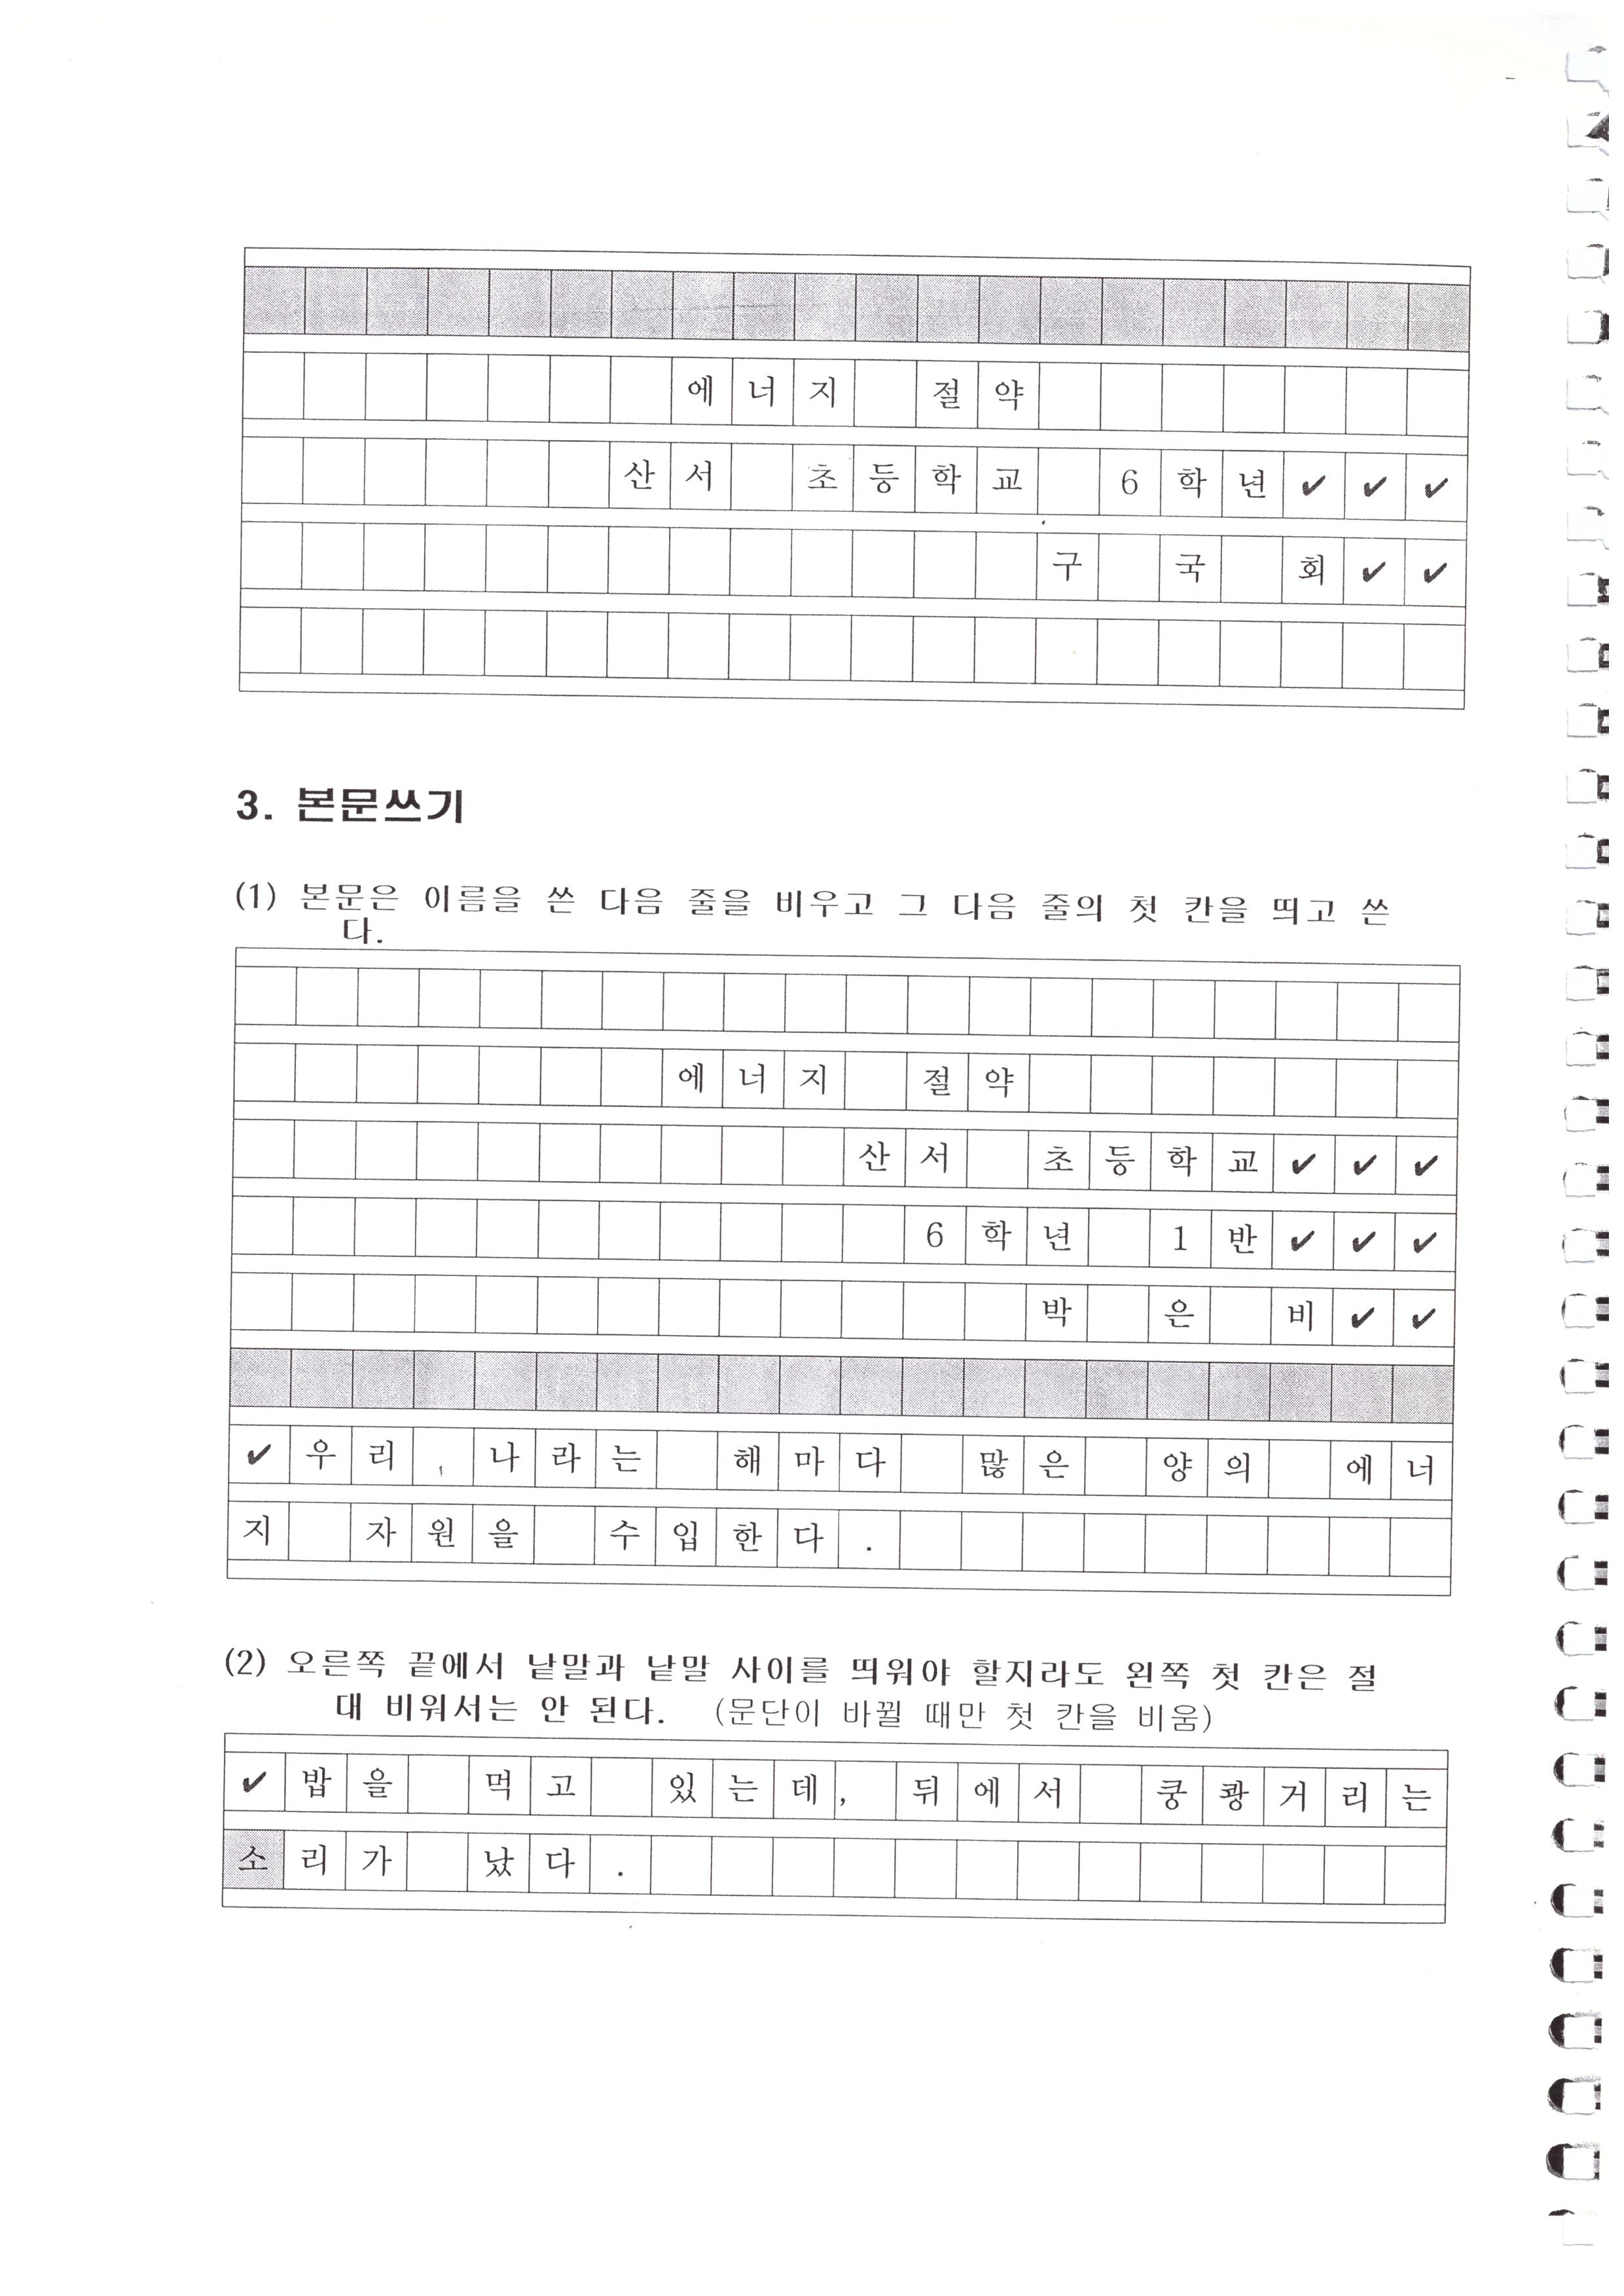 [일반] 독서노트(고학년) 원고지 쓰기 방법 안내의 첨부이미지 2